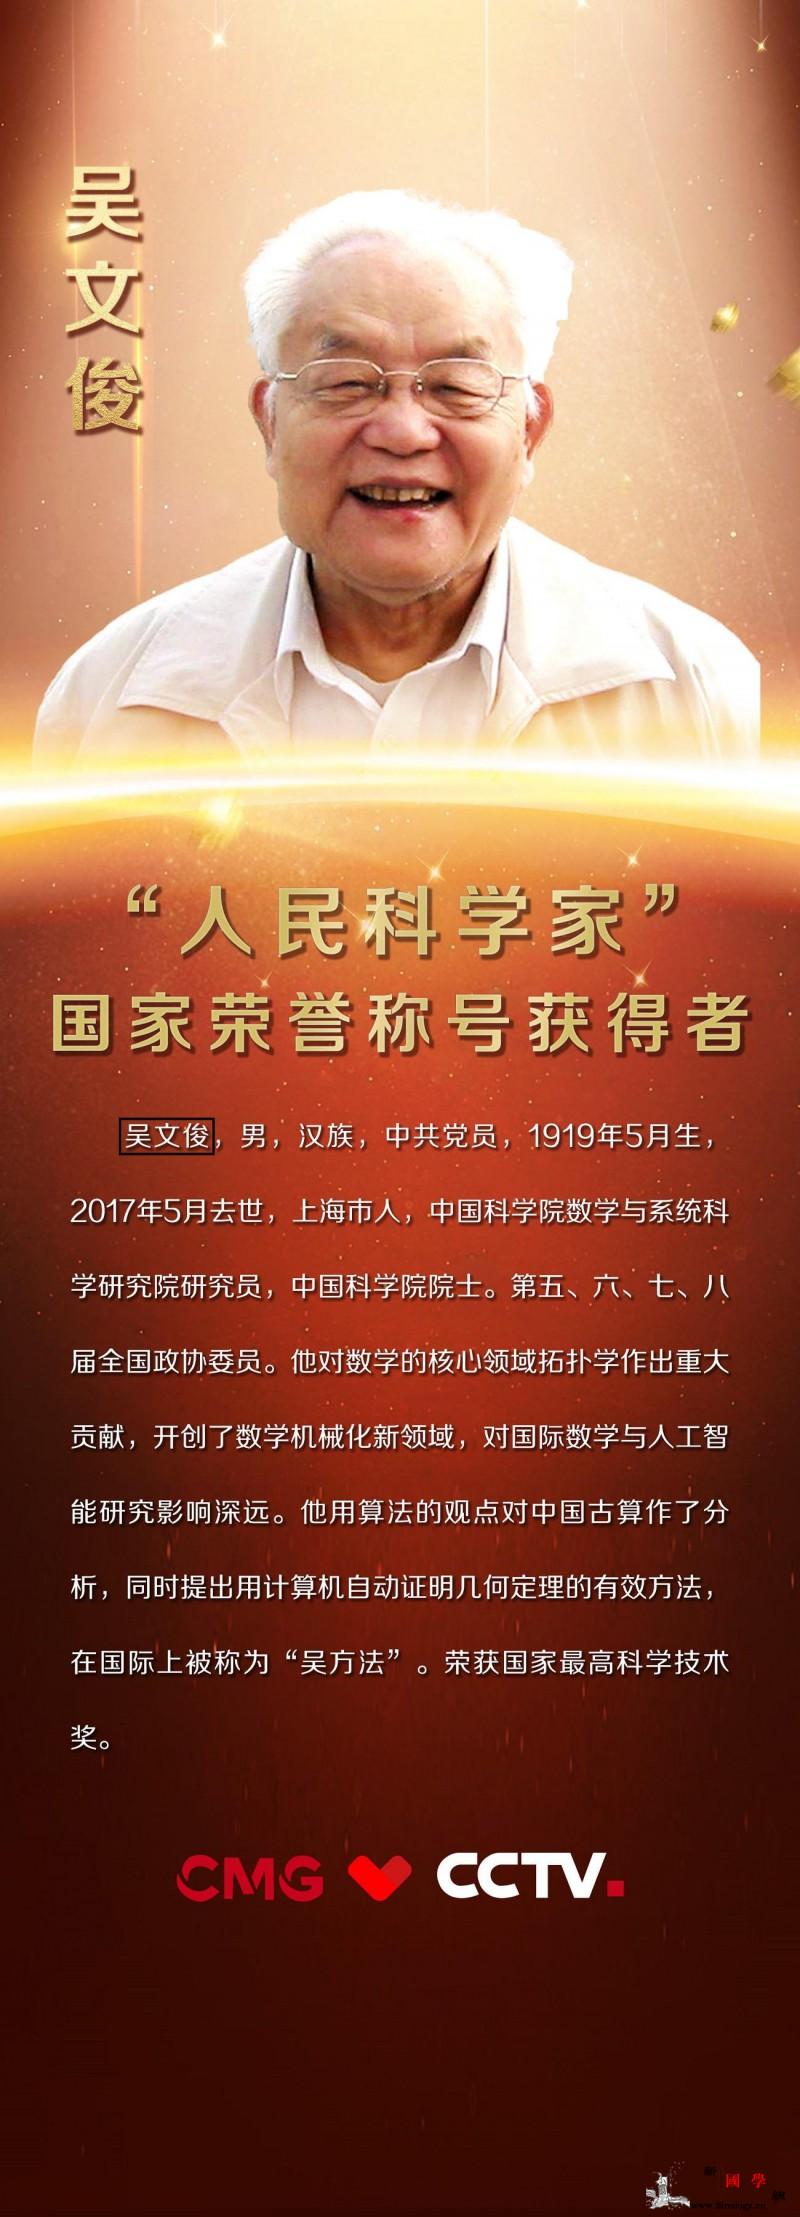 创中国方法为世界算数——吴文俊_汉族-画中画-拓扑学- ()